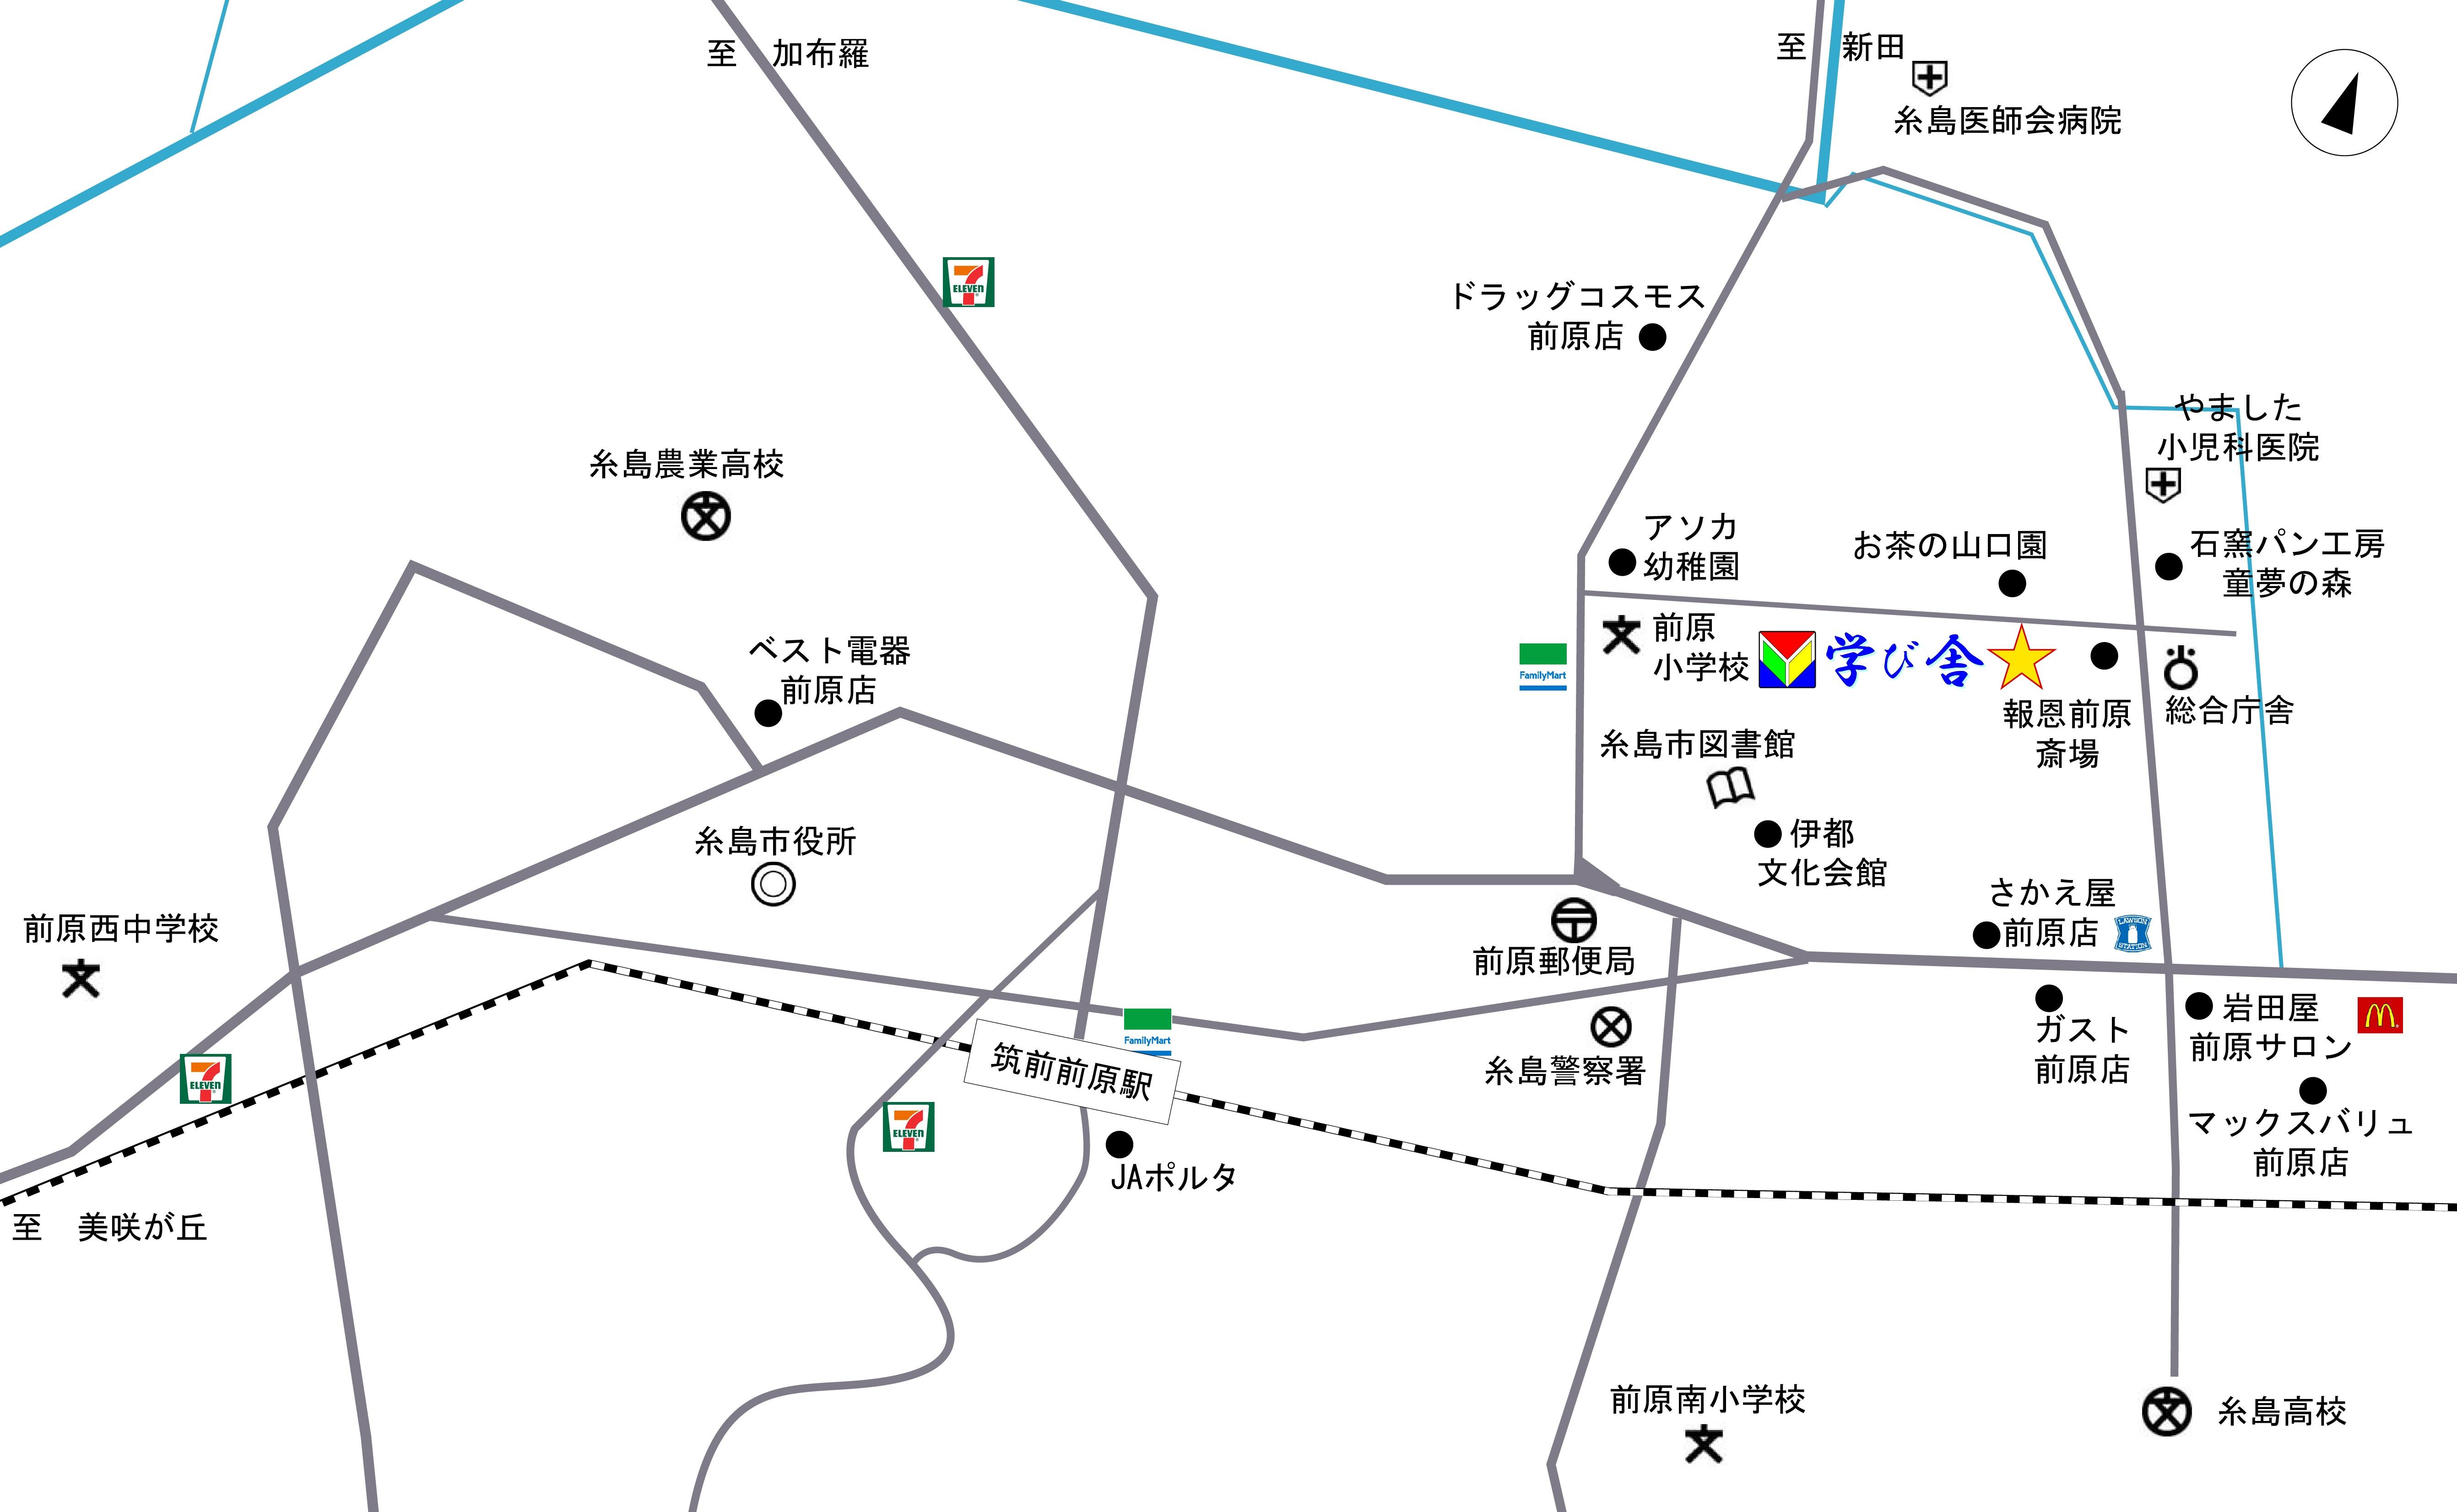 学び舎地図2.ai